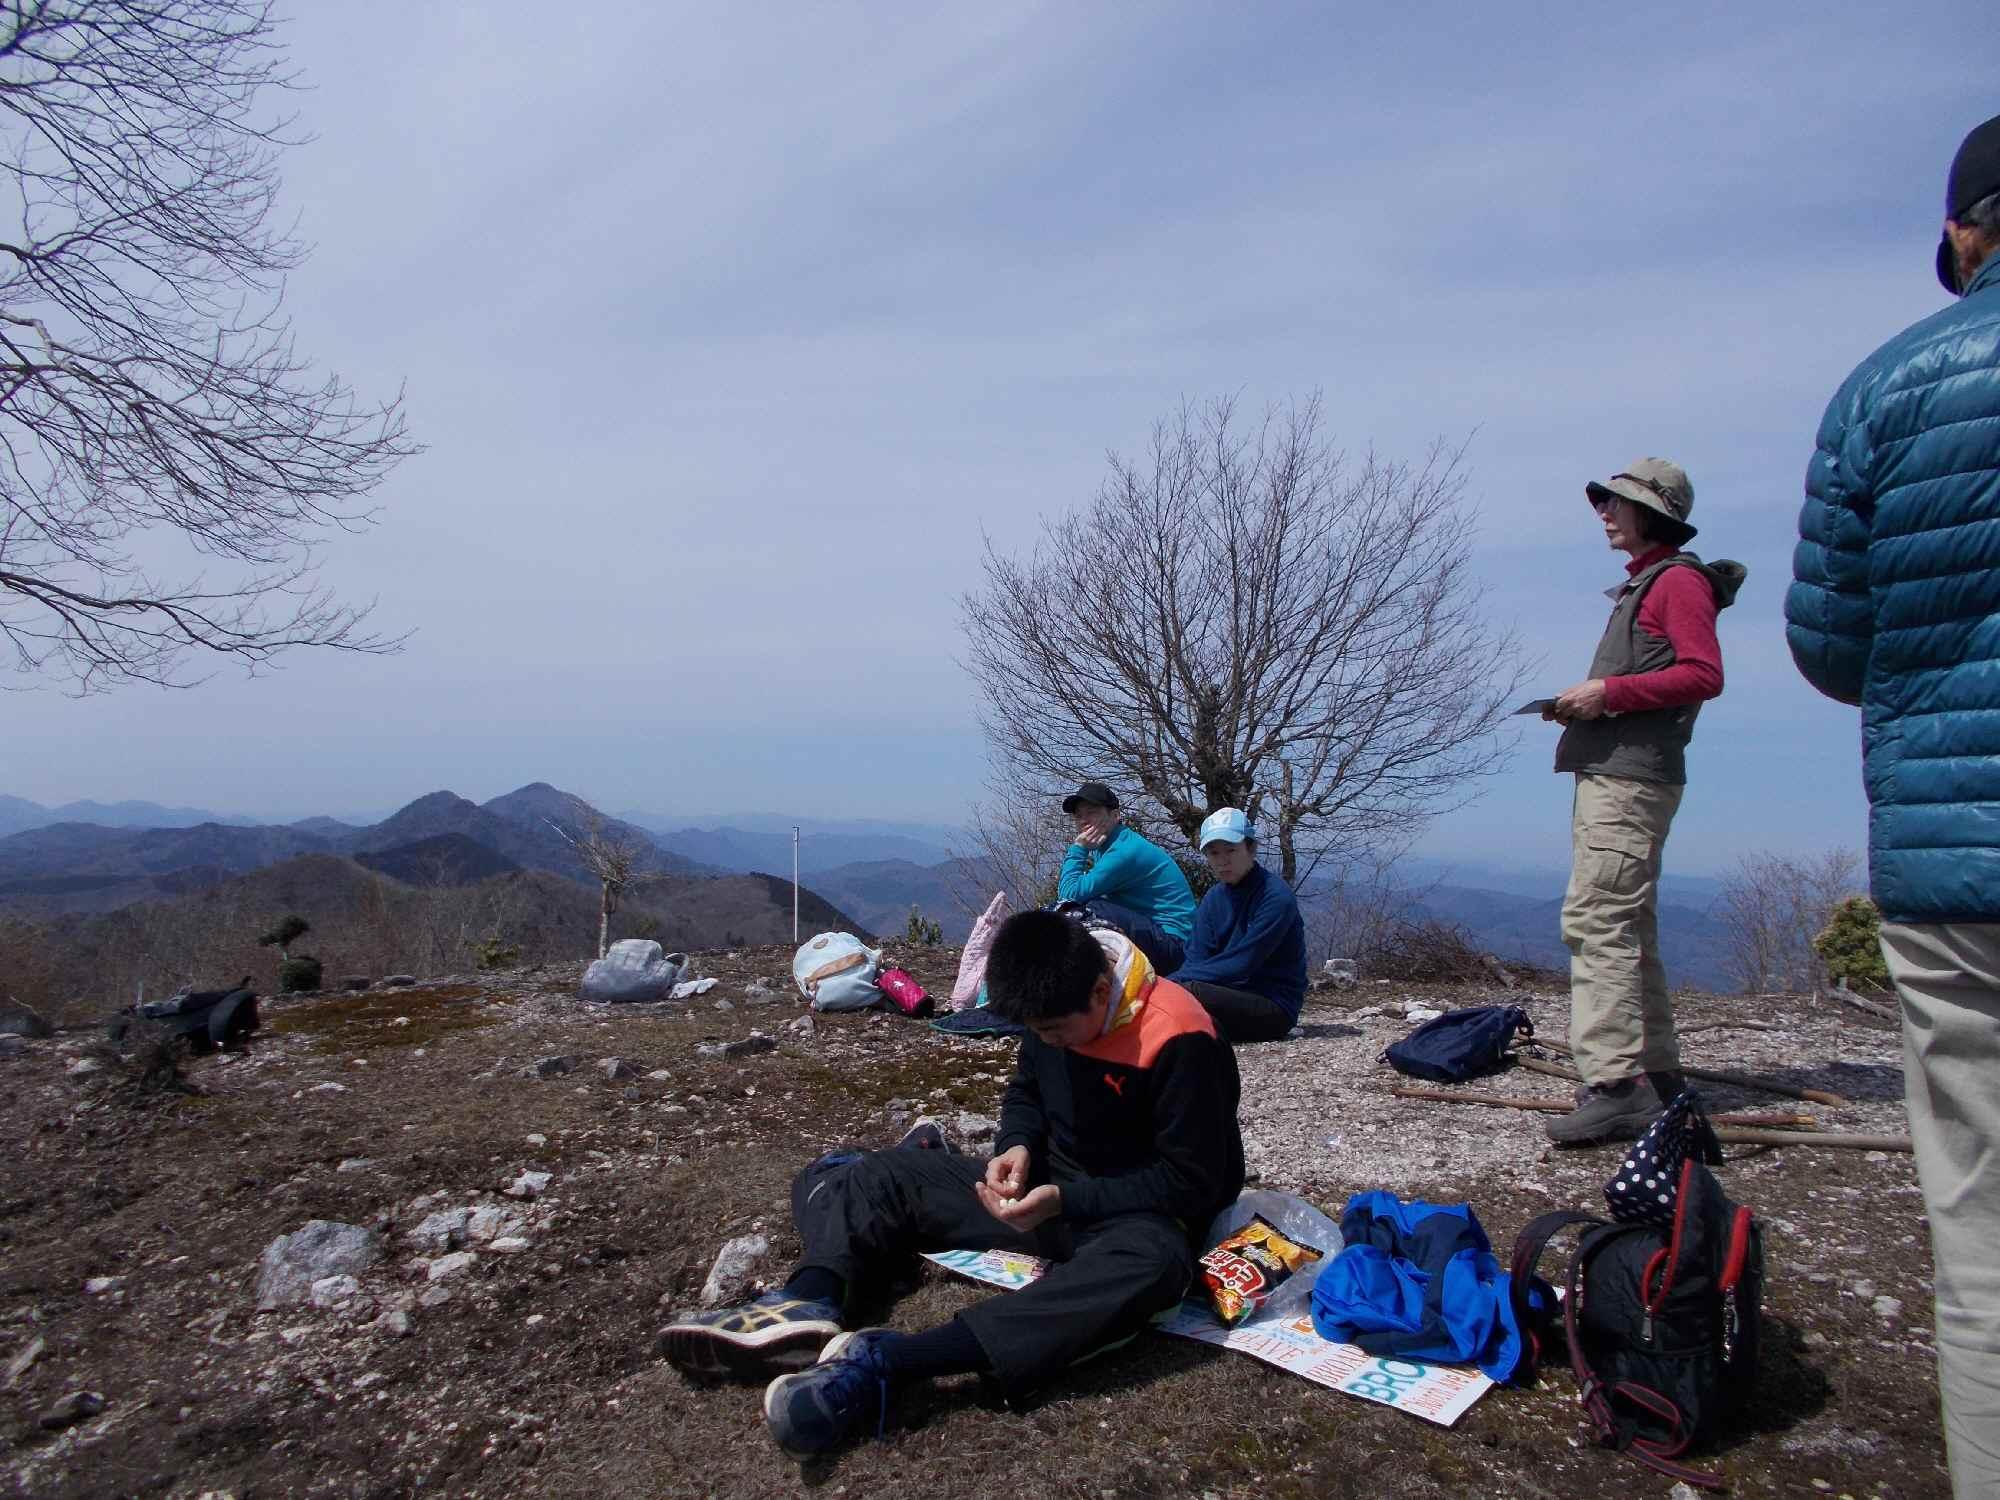 御嶽・小金ケ嶽を遠望。その景色を横目に、はや食事をする小学生も。